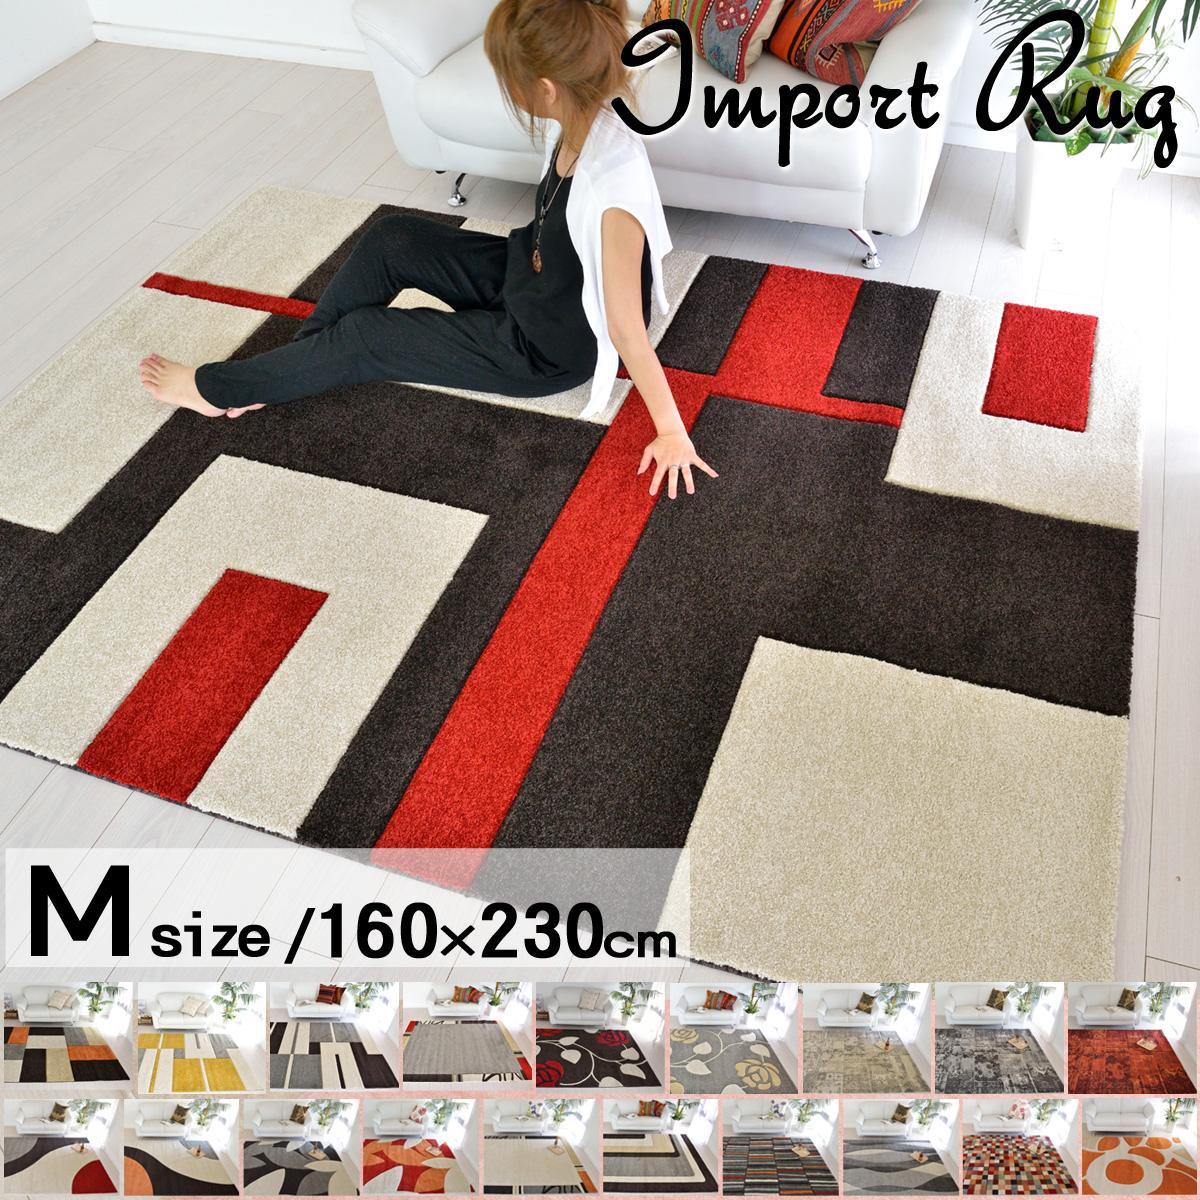 インポートラグ おしゃれ デザインラグマット ウィルトン織りカーペット 160×230 約2.2畳 子供部屋 リビング アクセントラグ 北欧 モダン 絨毯 オシャレじゅうたん トルコ製 BALTA PICASSO【ba】